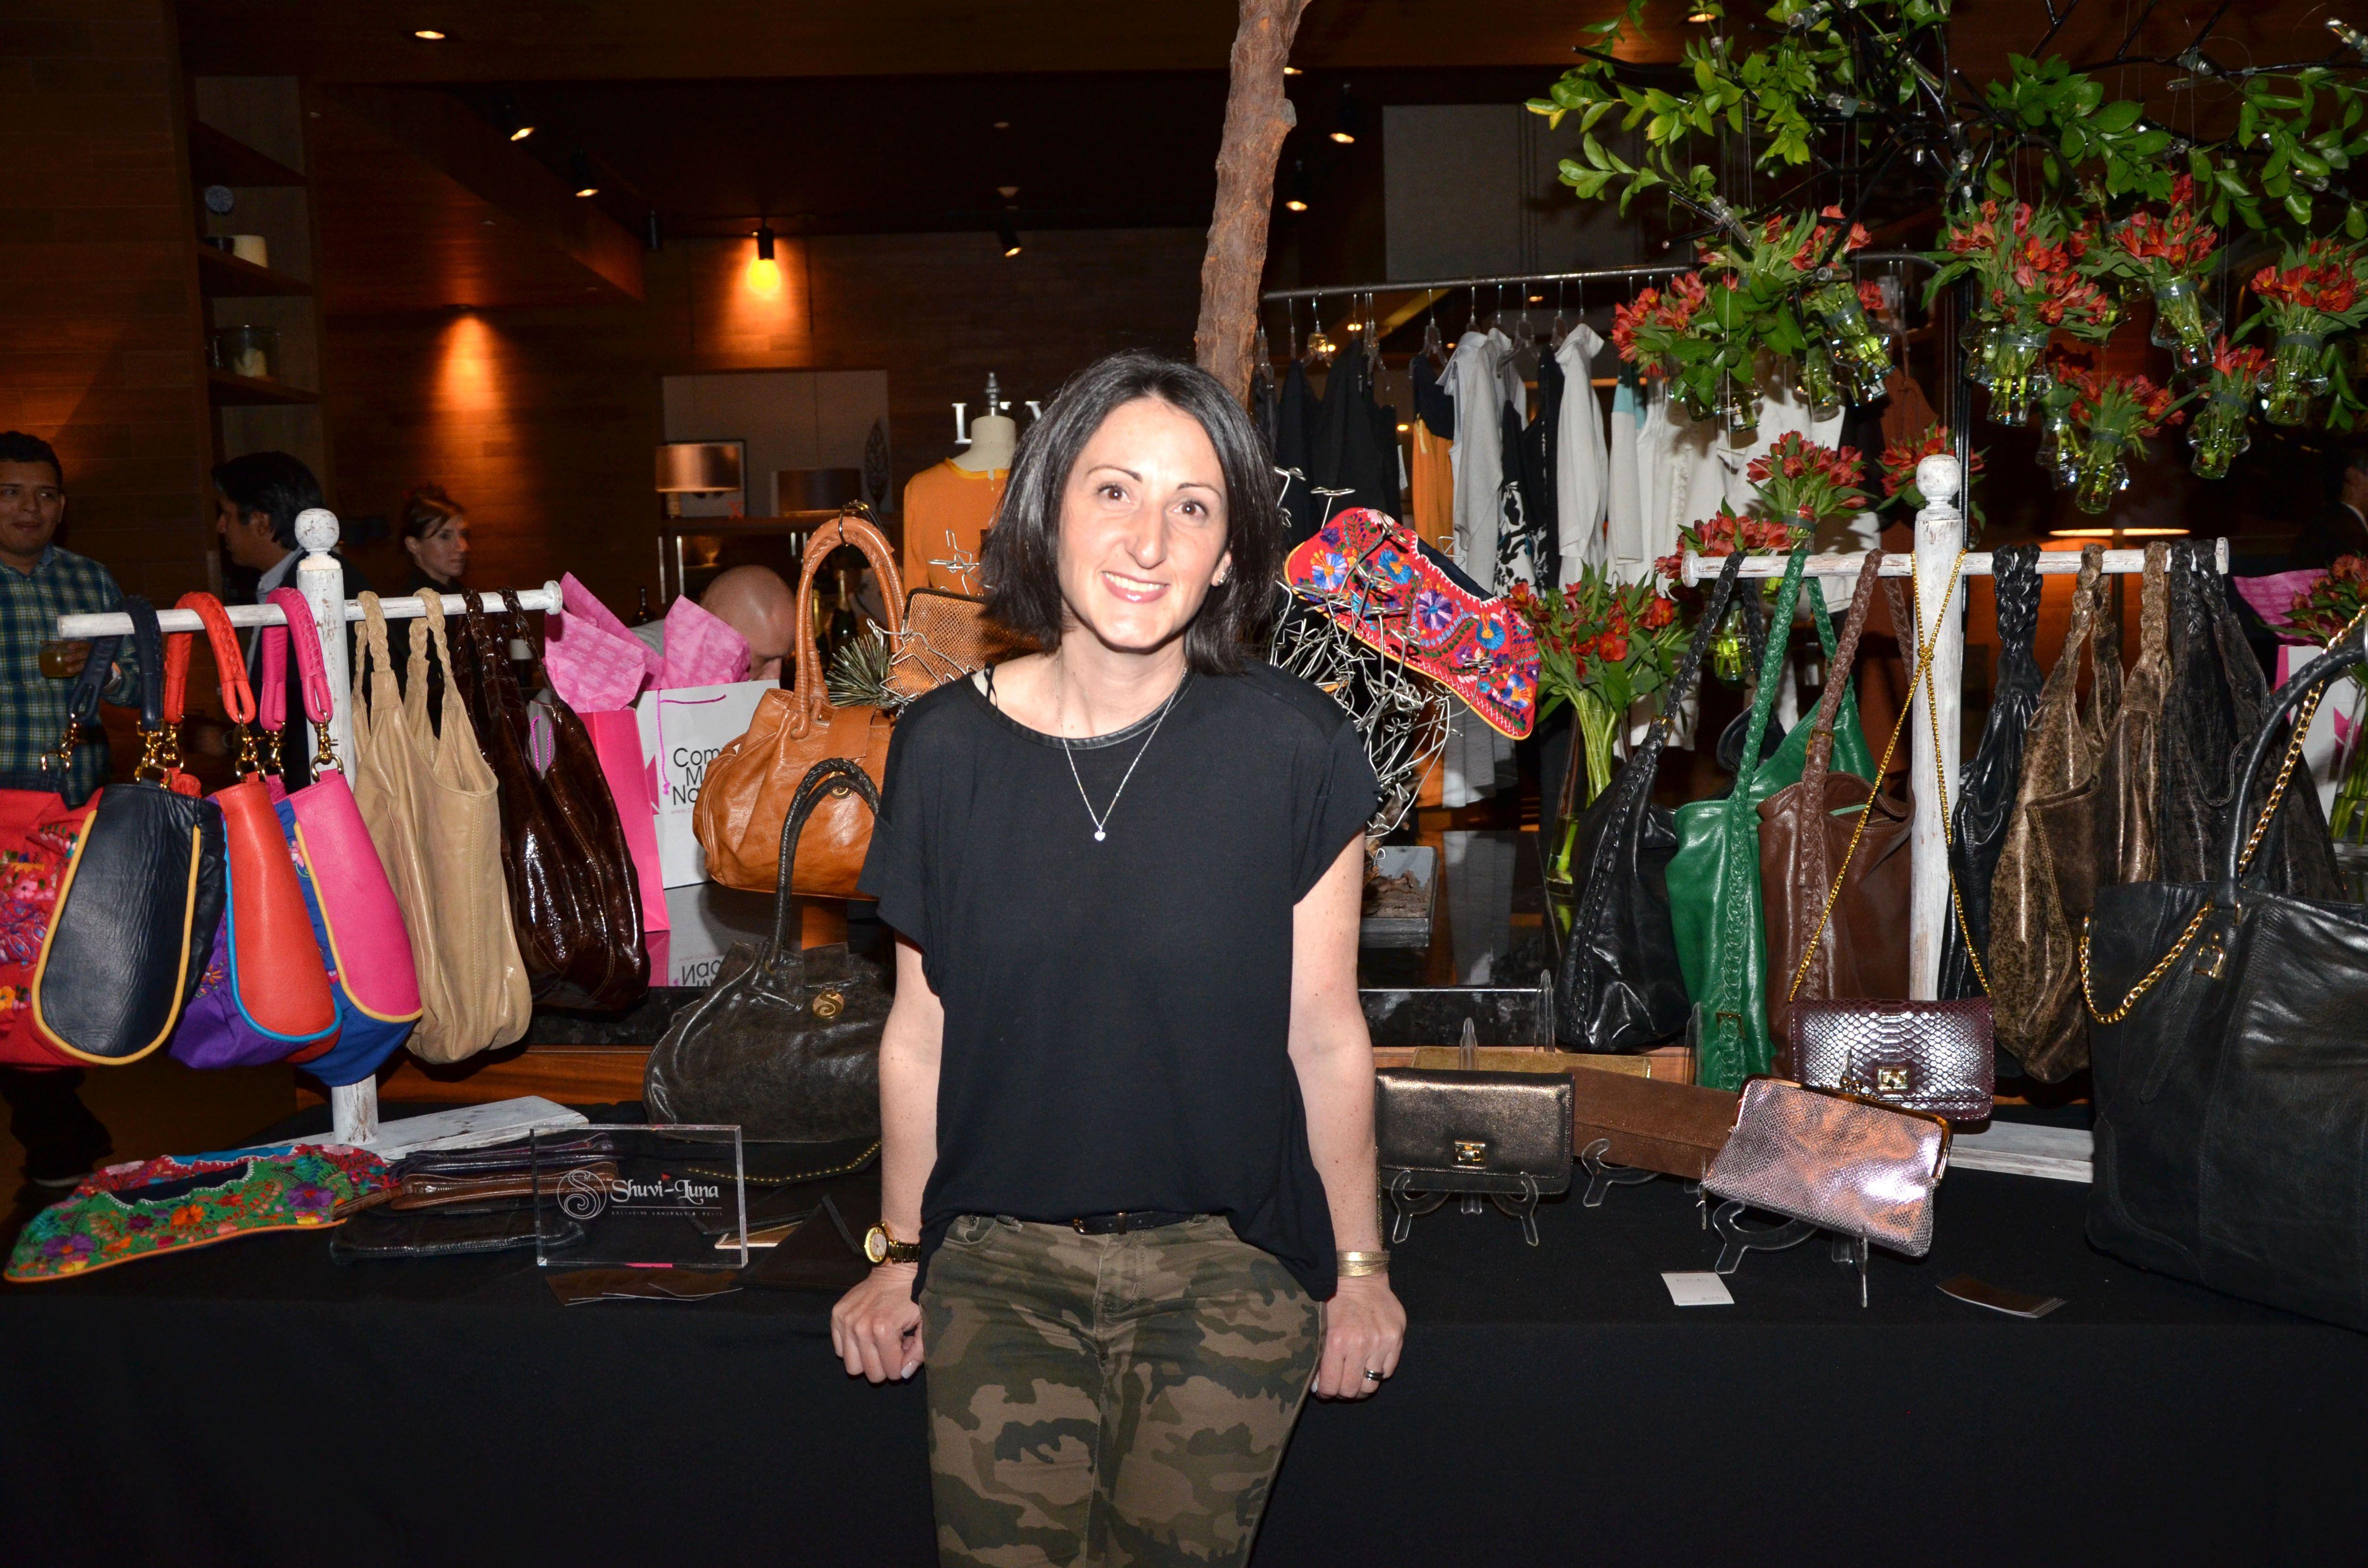 Shula dseñadora de Shuvi-Luna estrenando nueva colección